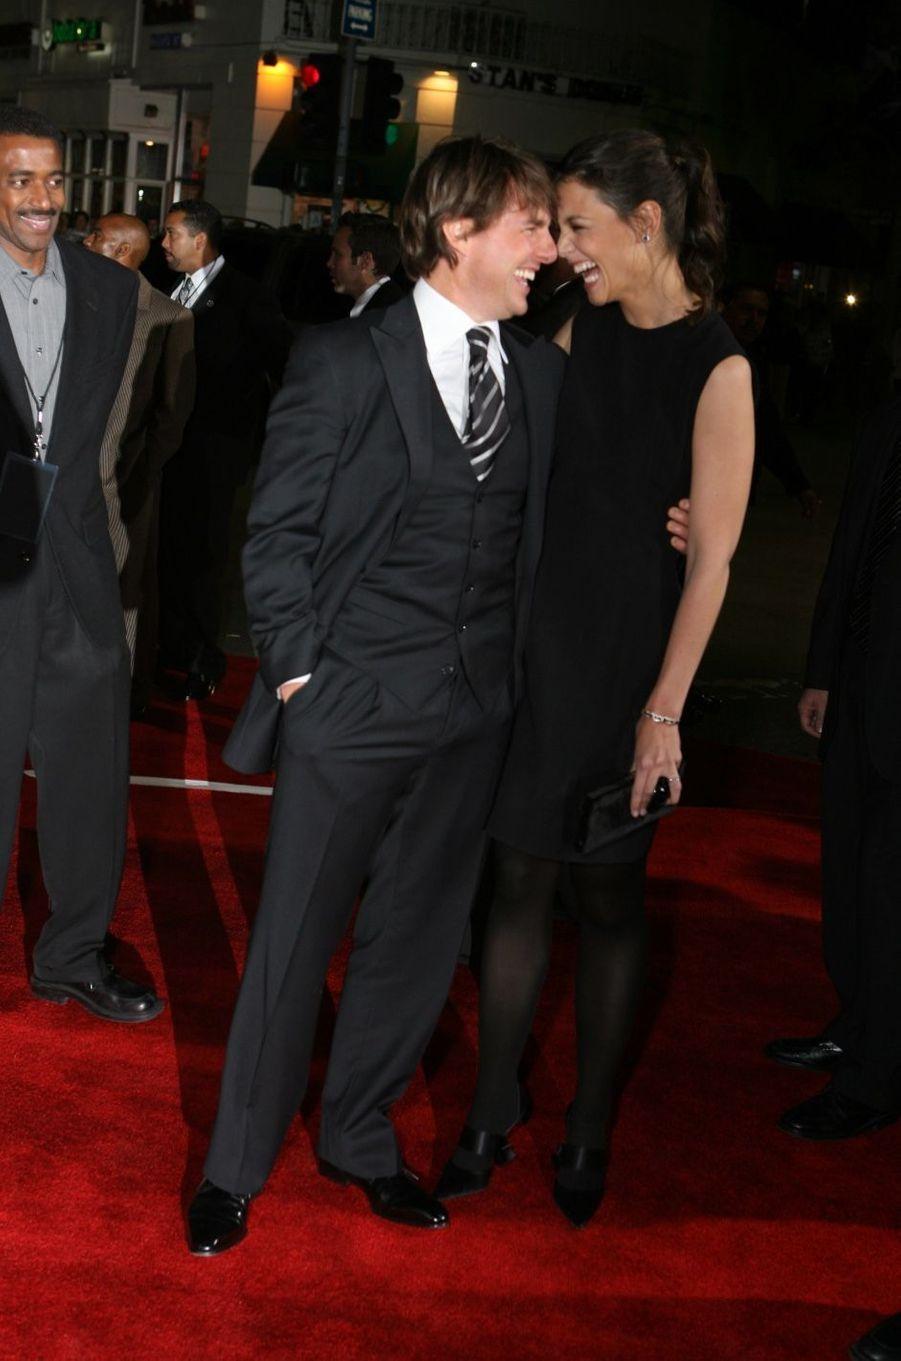 Tom Cruise et Katie Holmes en 2006. Ils ont été mariés de 2006 à 2012 et ont eu une fille, Suri.